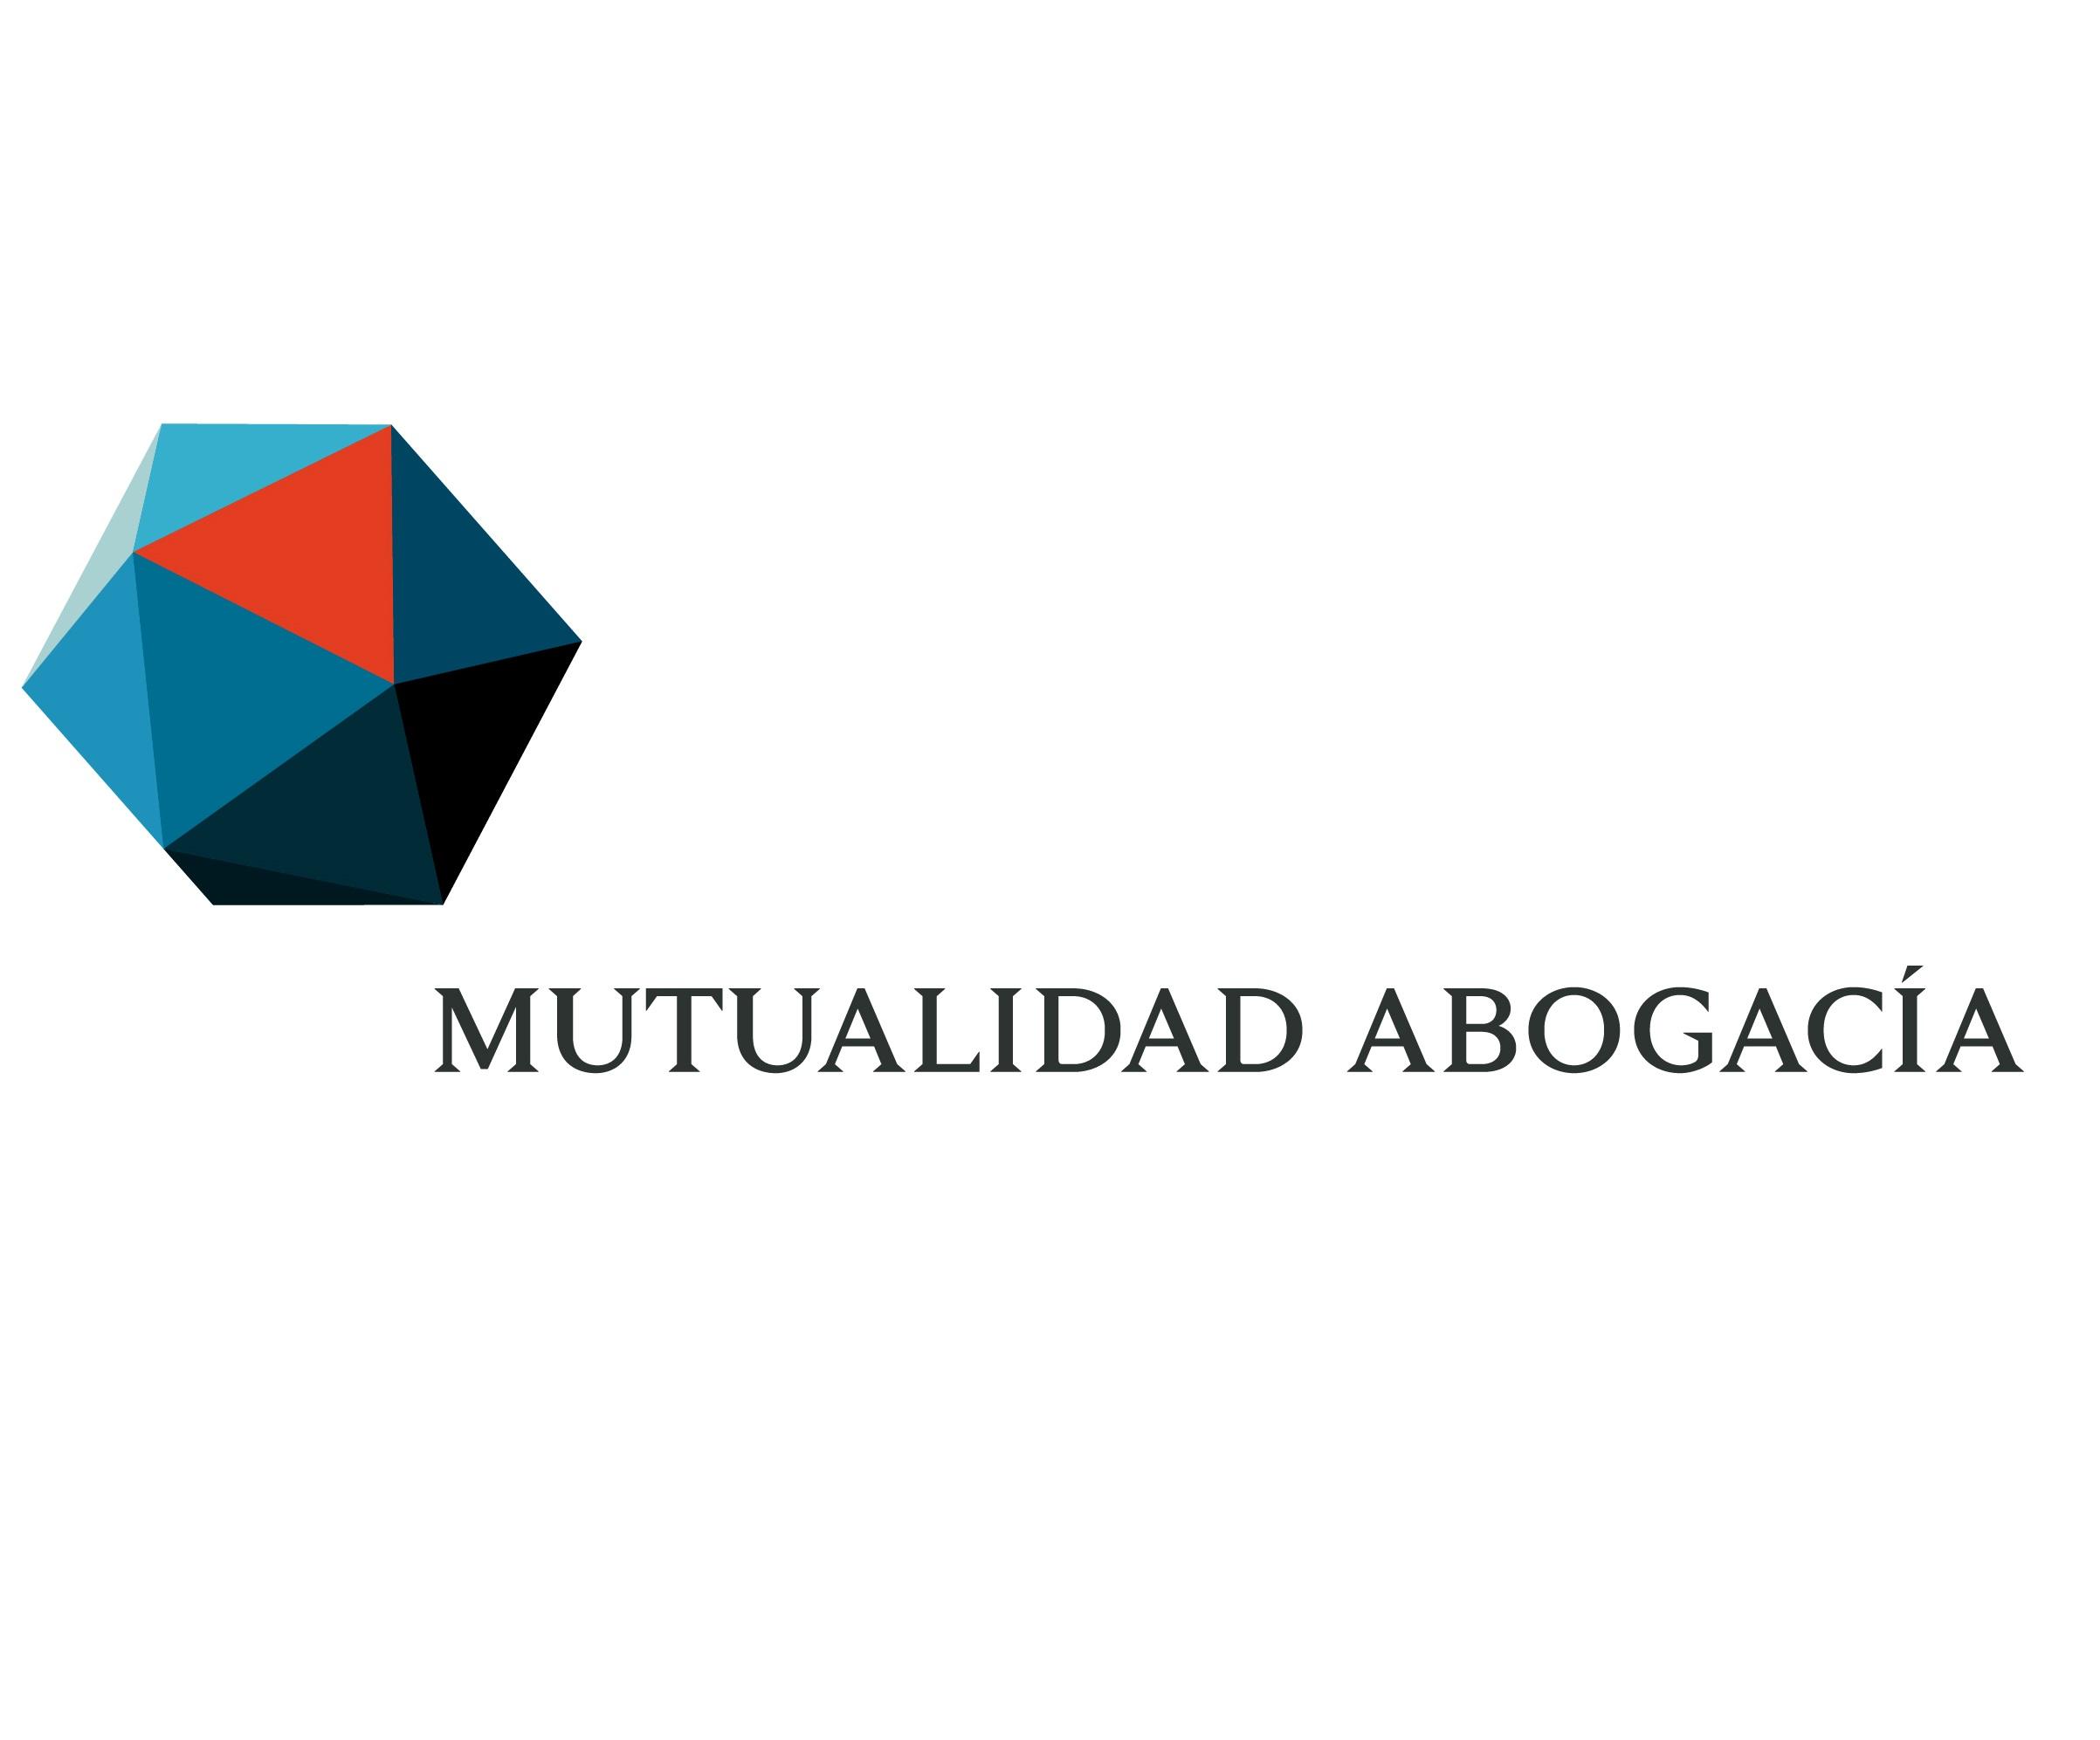 Comunicat en relació a l'actualització de quotes IP i IT – Mutualidad Abogacía